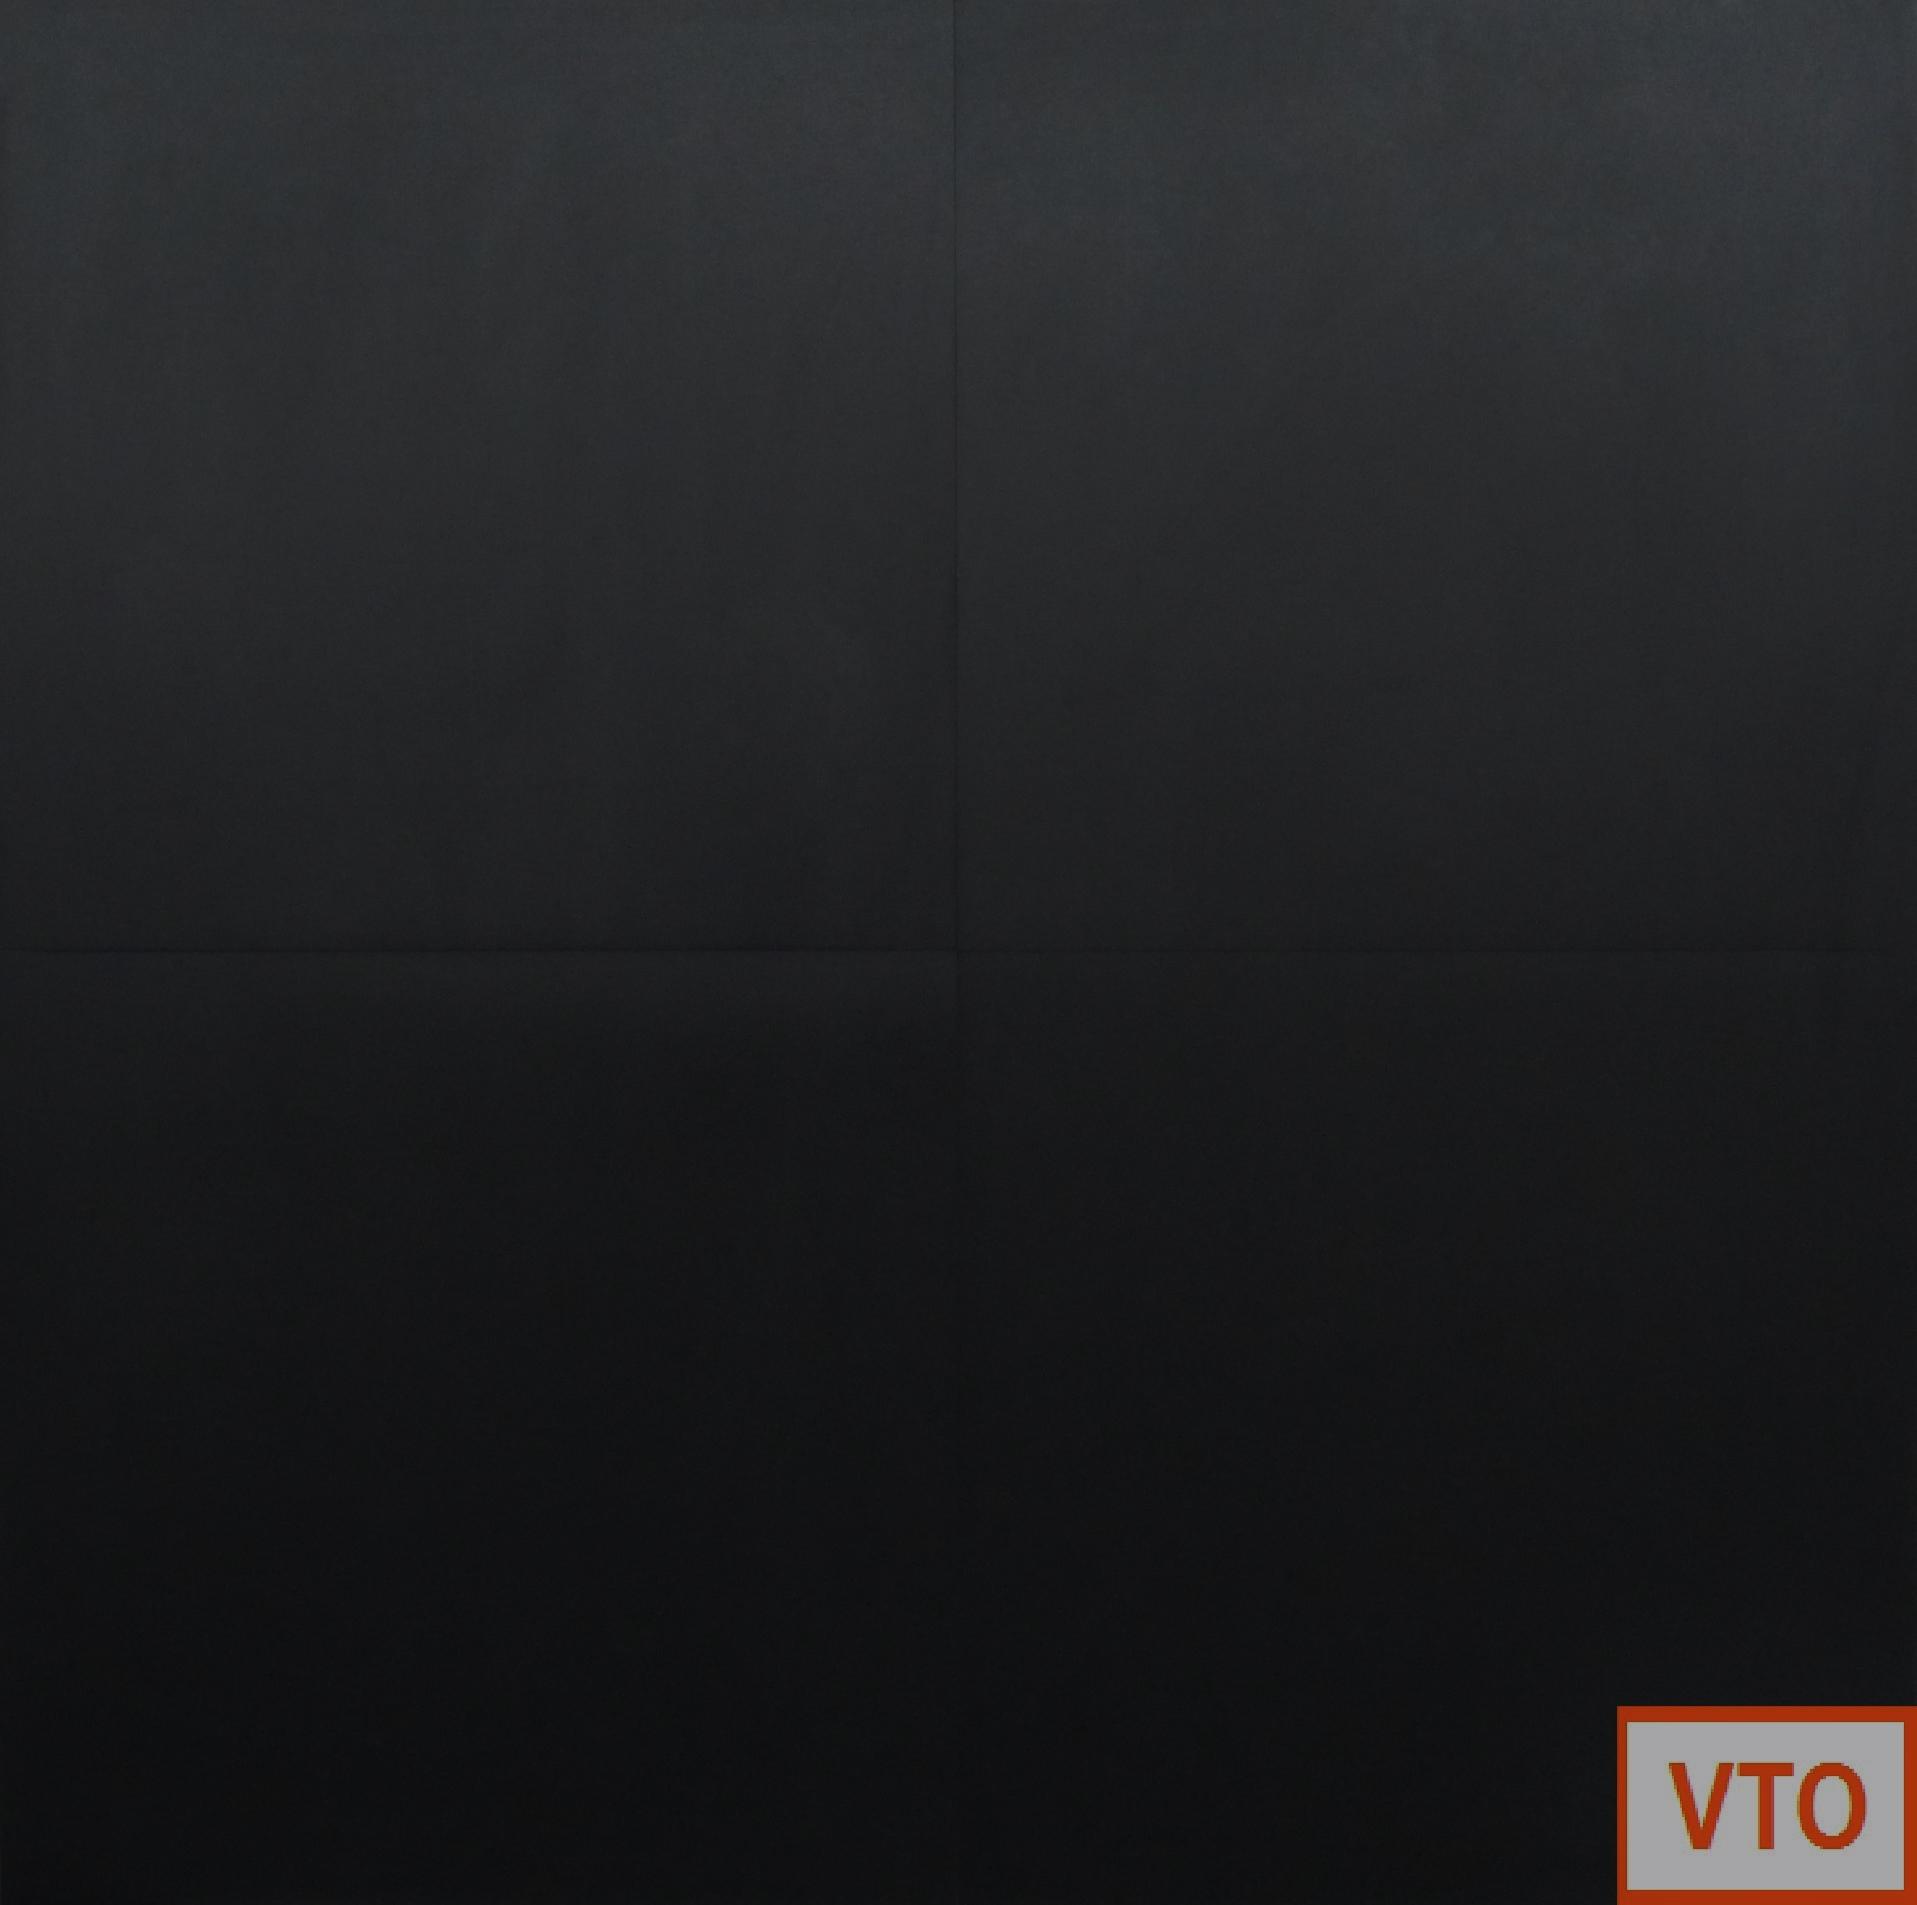 Zwarte Vloertegels 60x60.Zwart Mat 60 X 60 Webshop Vloertegeloutlet Nl